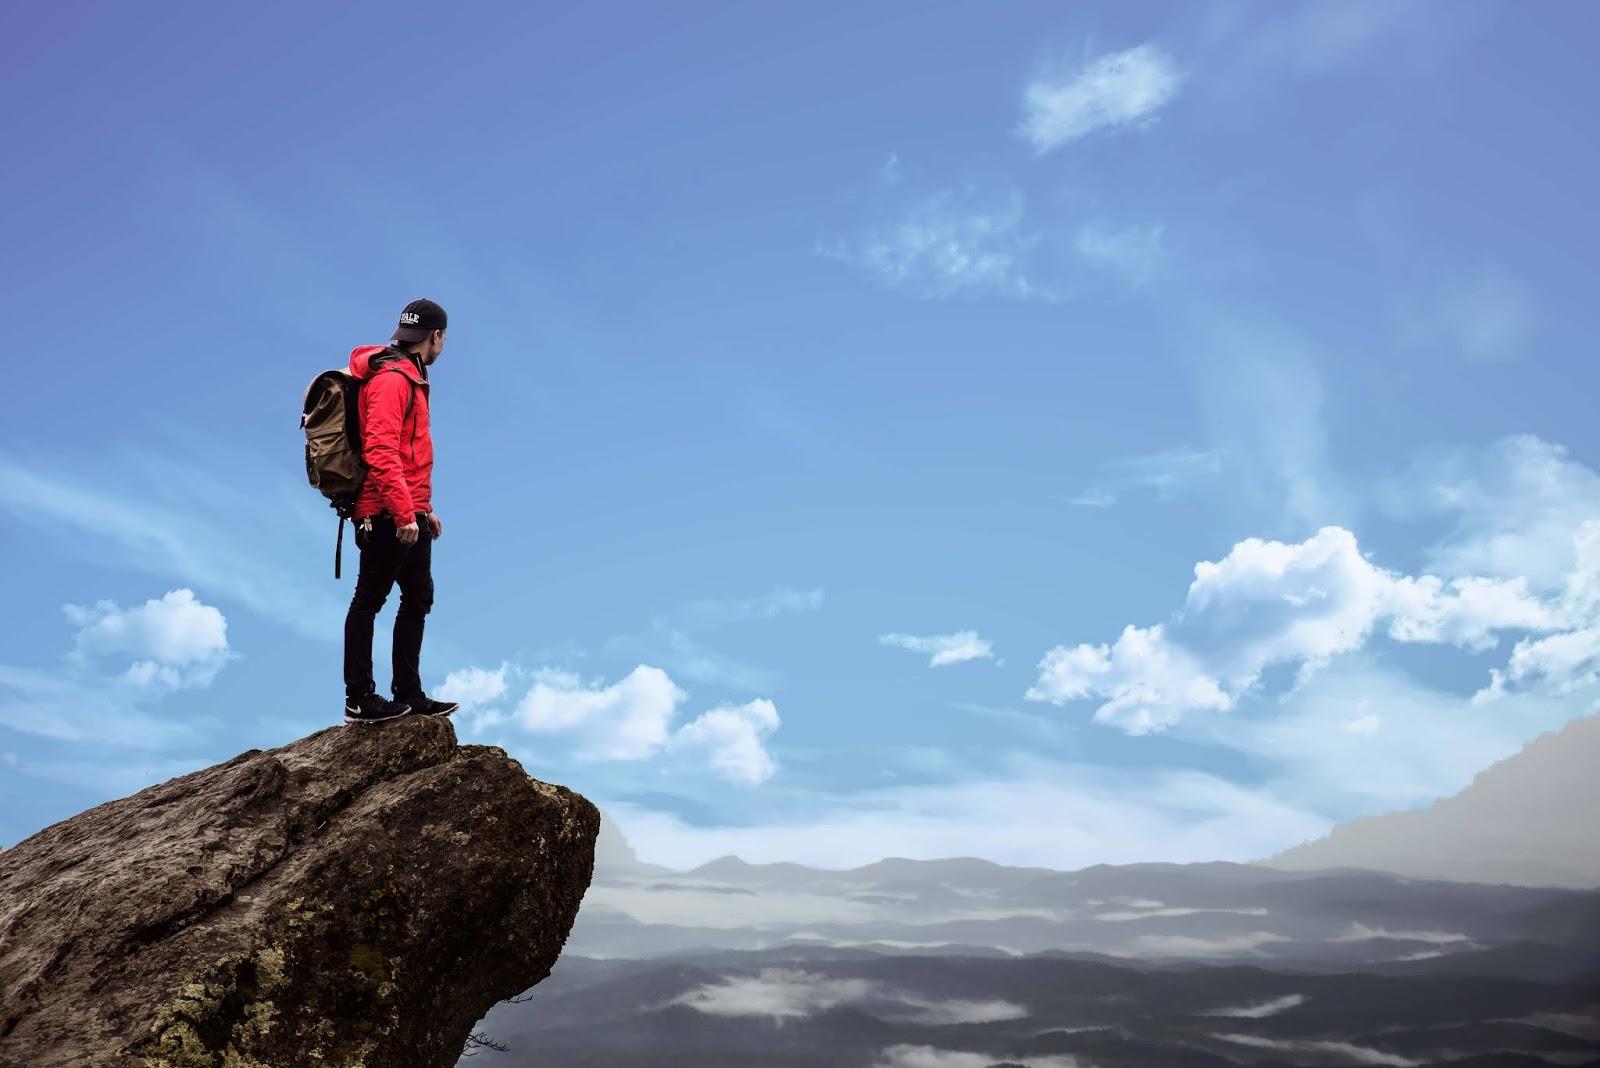 Kata kata motivasi ucapan bijak ernest hemingway yang menginspirasi